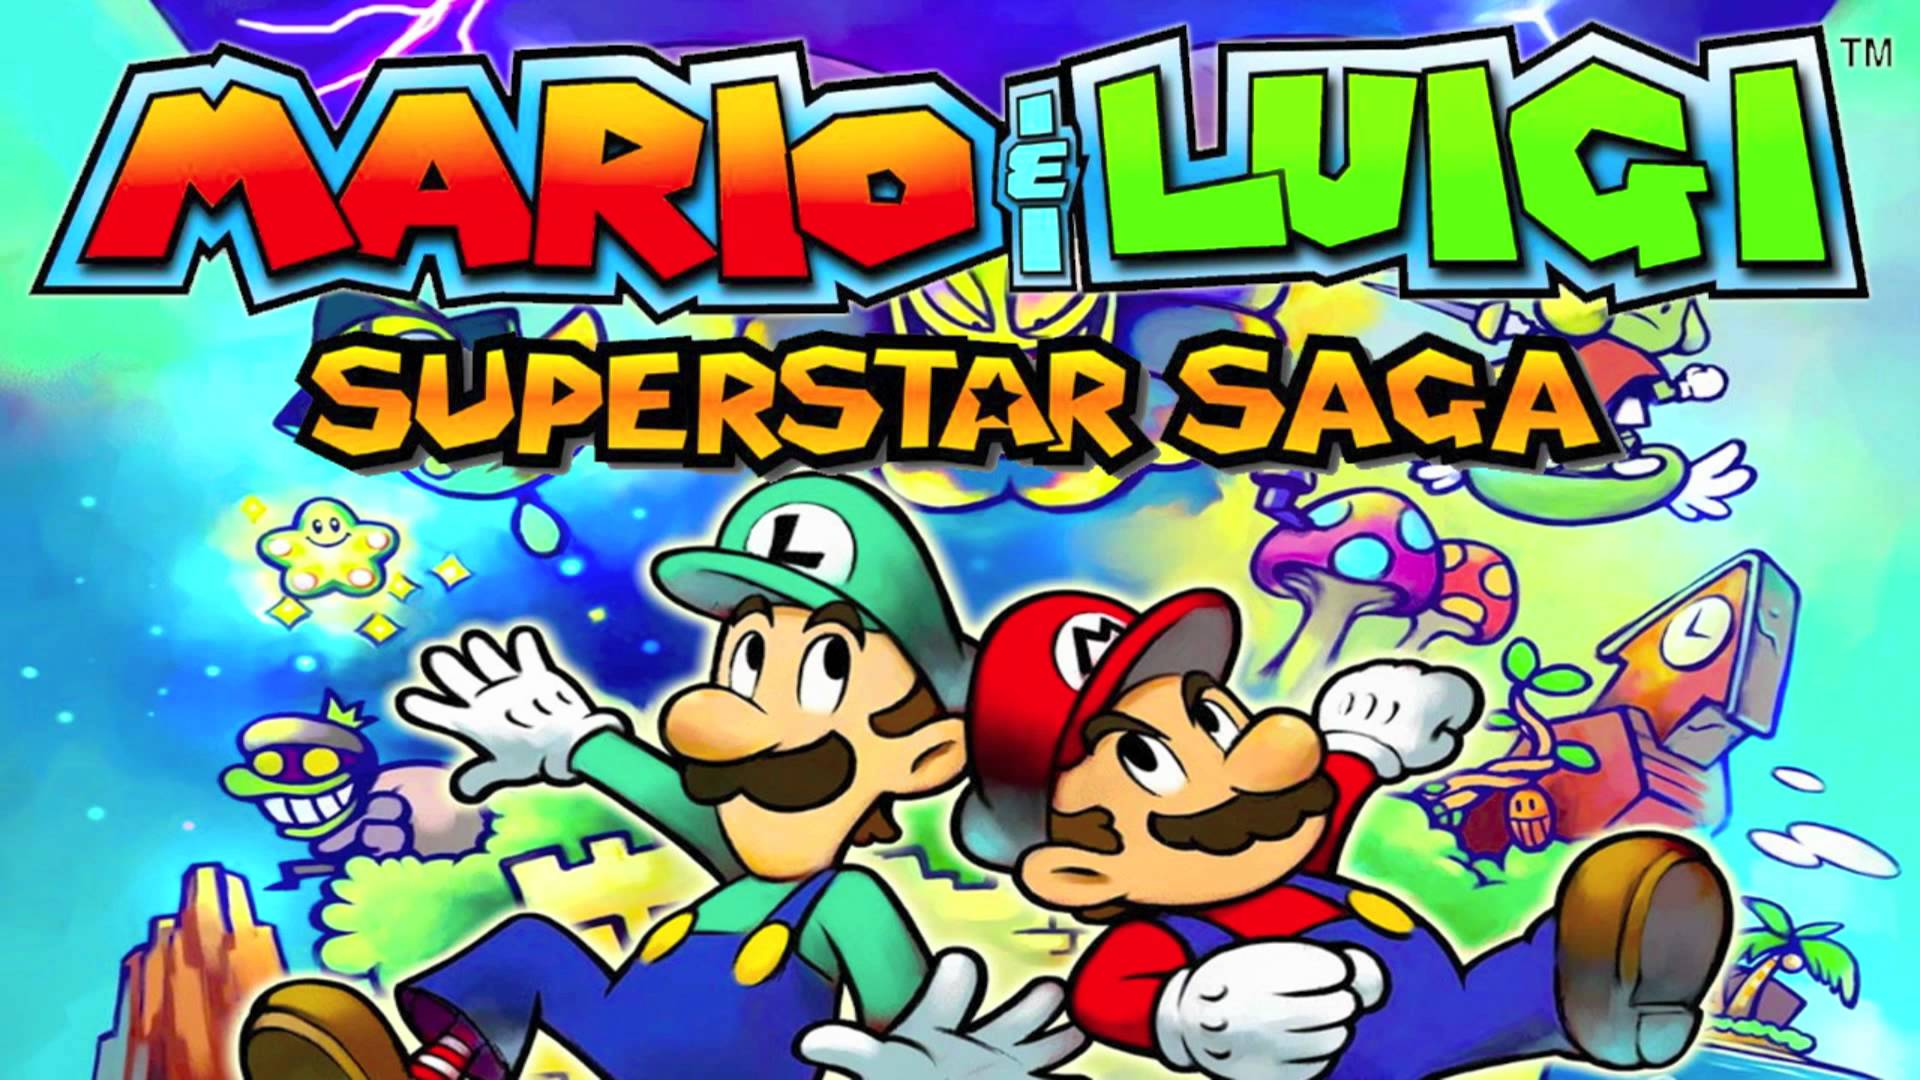 Mario y Luigi Superstar Saga Android